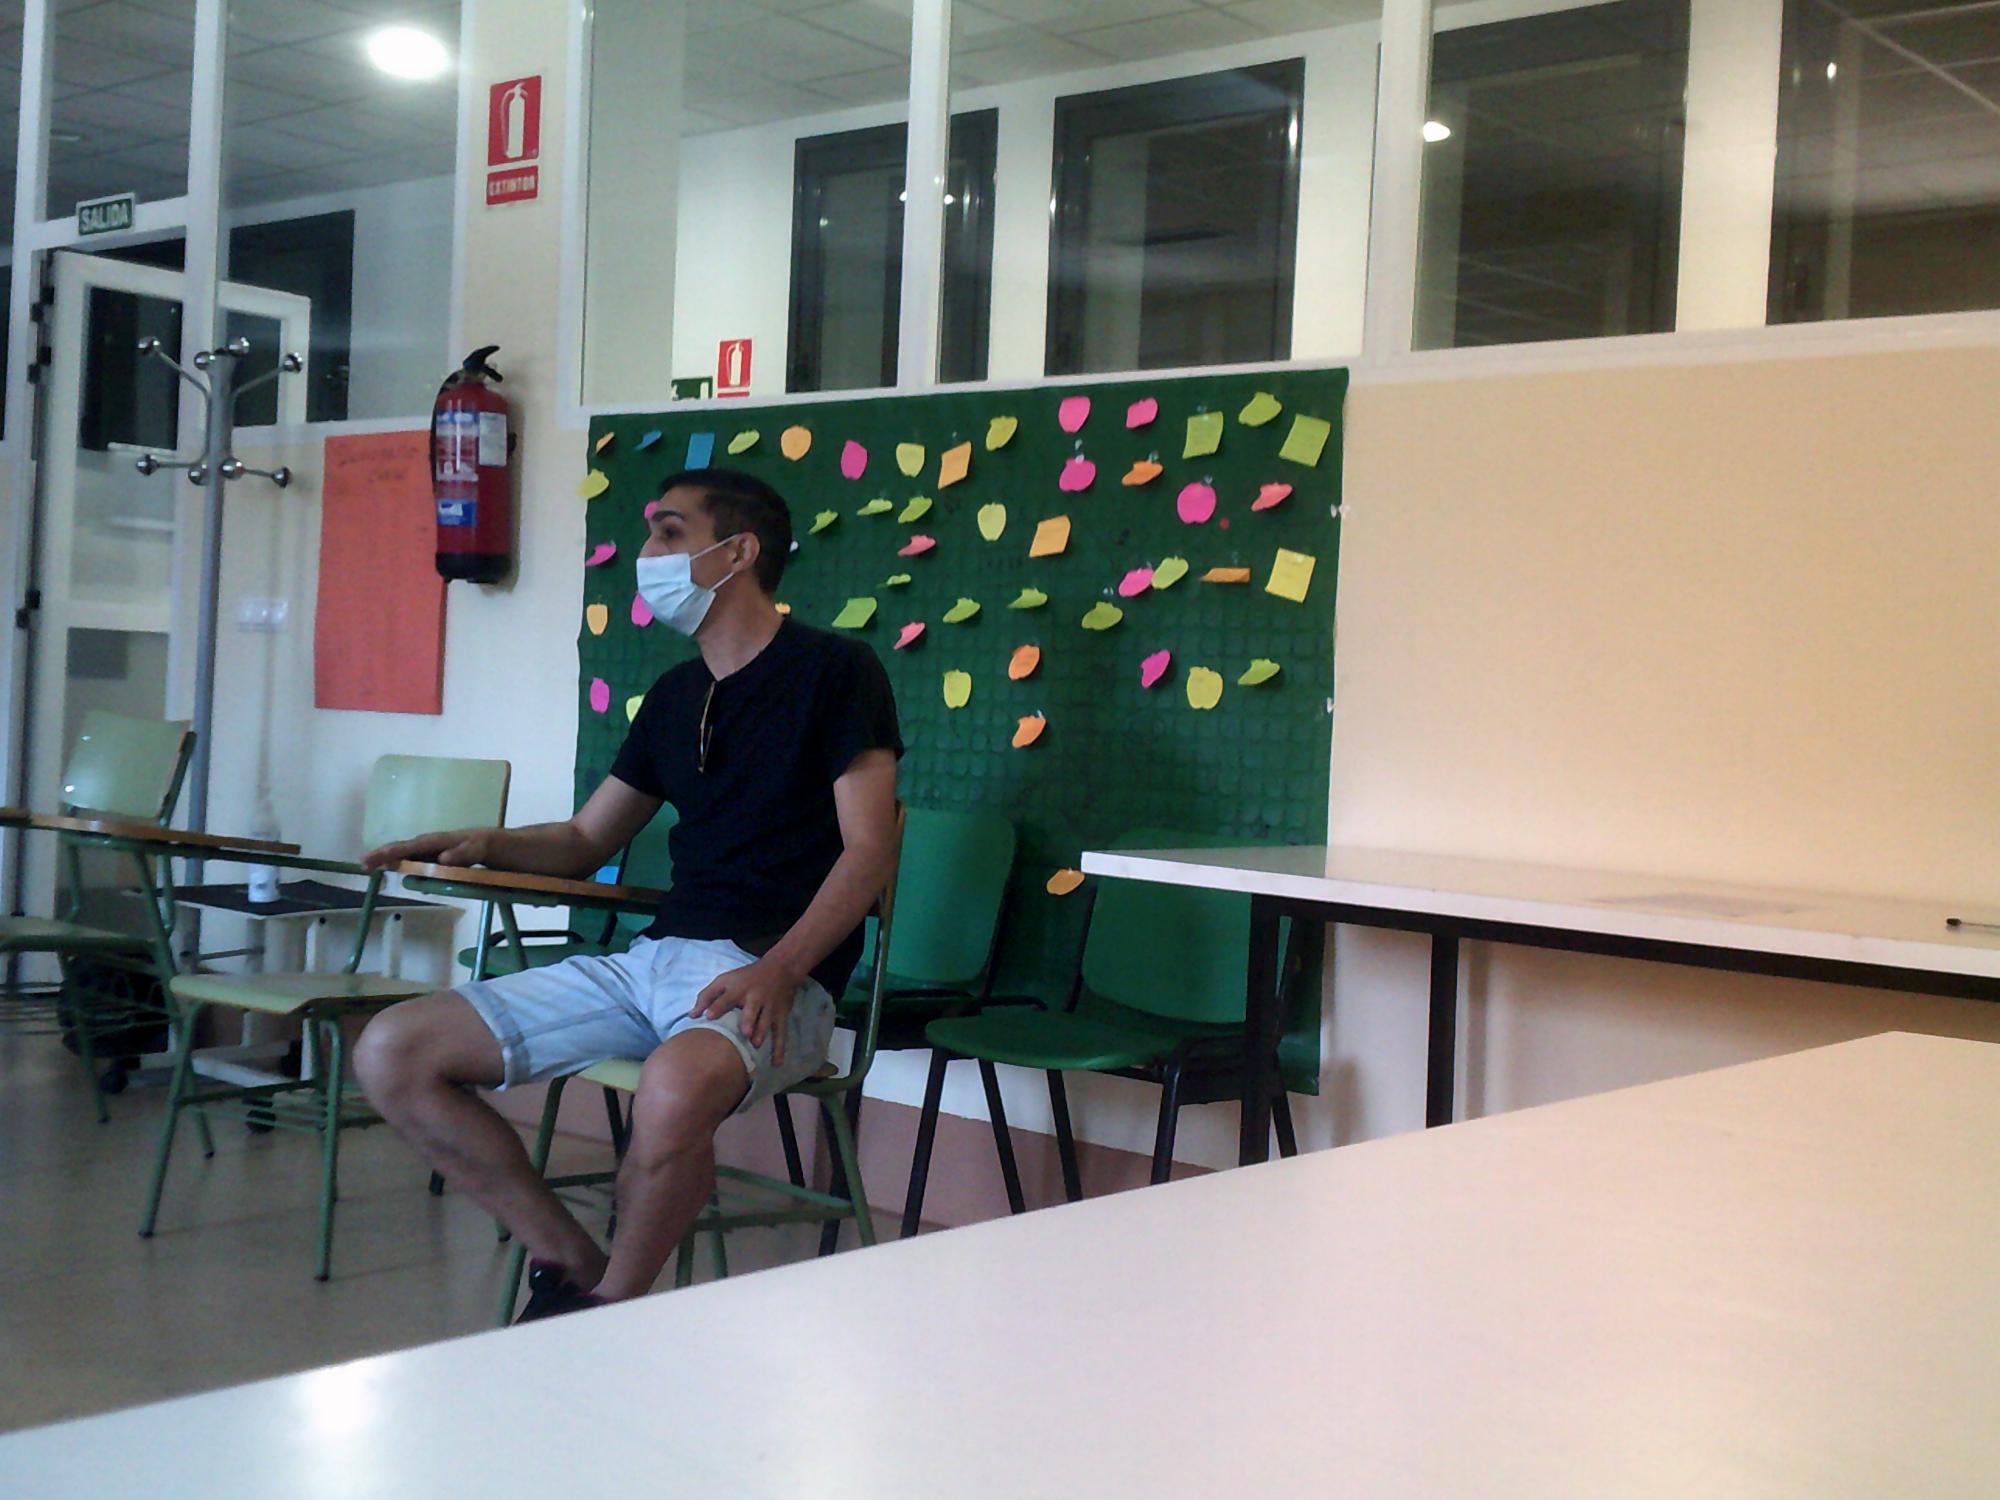 David sentado en una silla del aula mientras habla